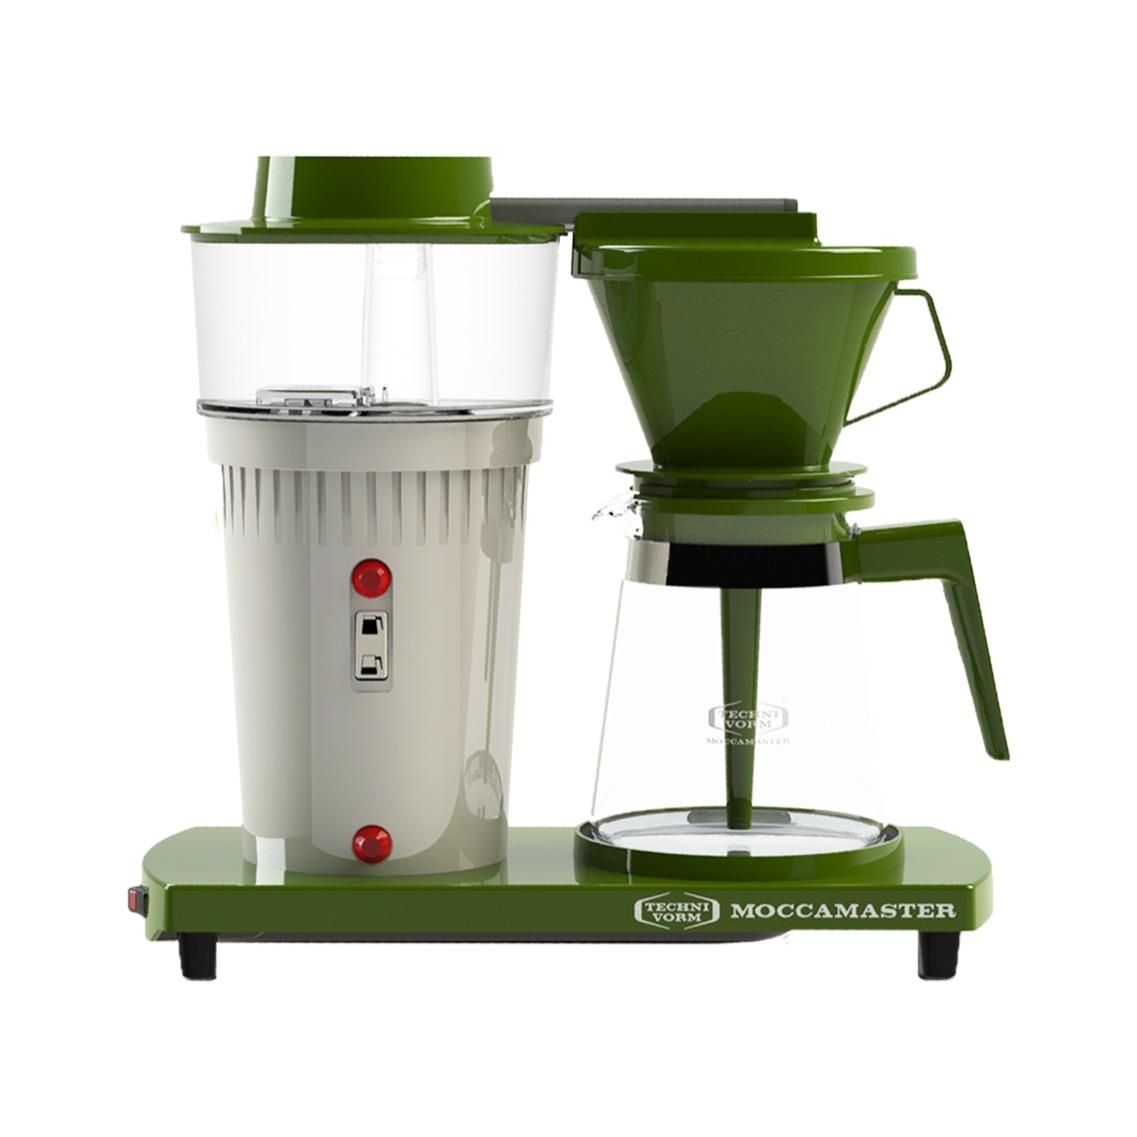 Moccamaster koffiefilter apparaat EDITIE  en apos;68 groen/wit - Prijsvergelijk